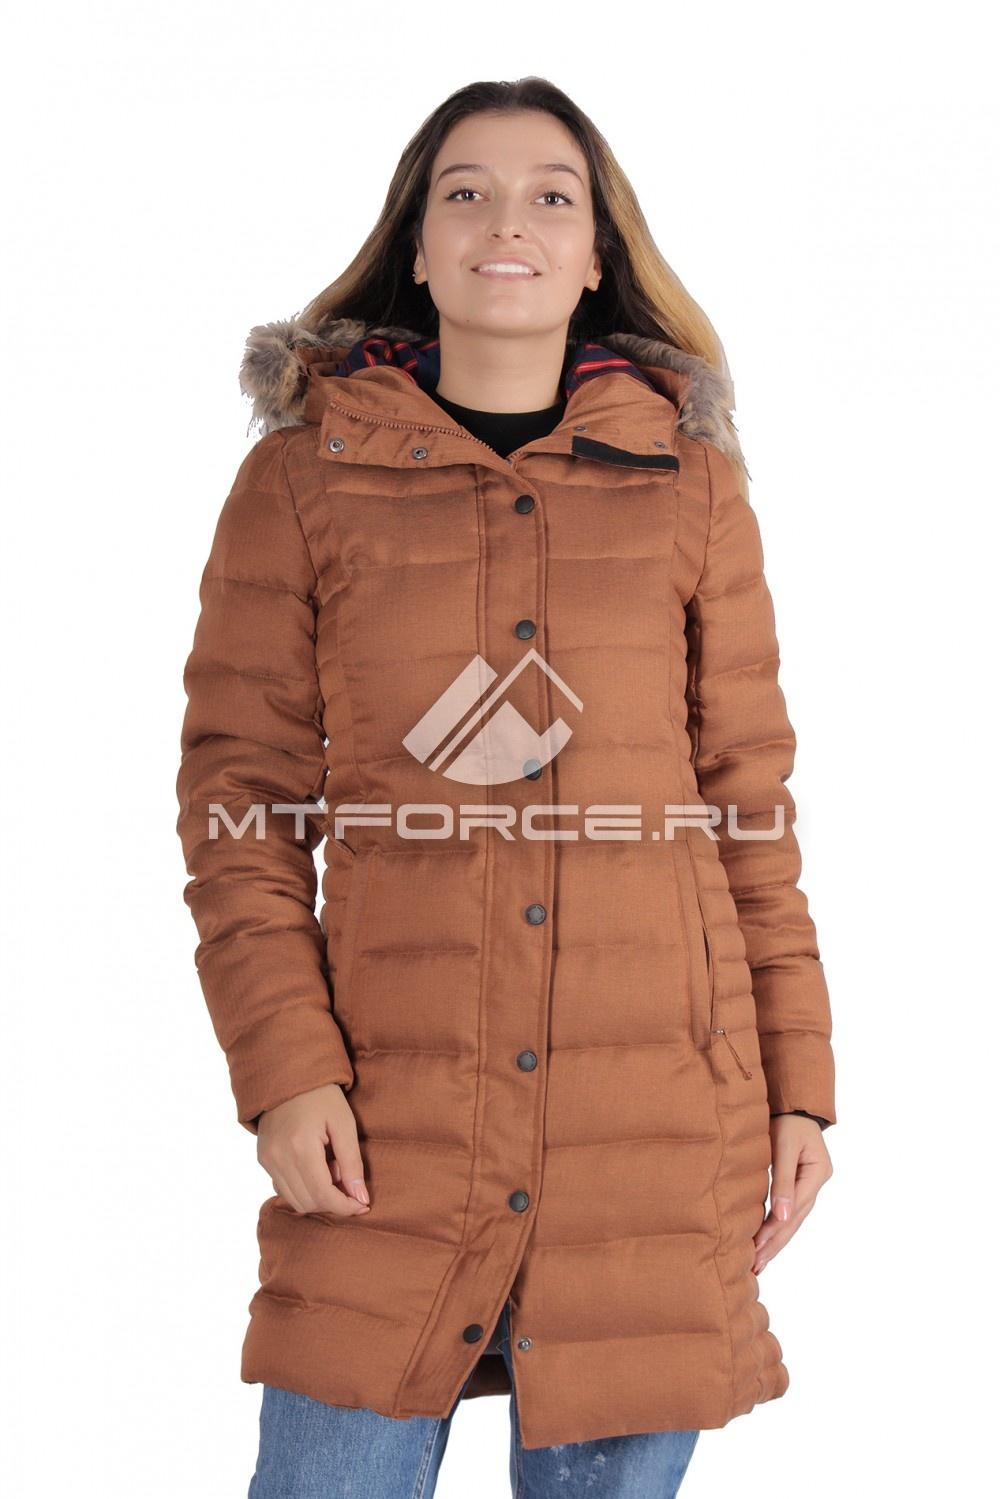 Купить                                  оптом Куртка зимняя женская коричневого цвета F05K